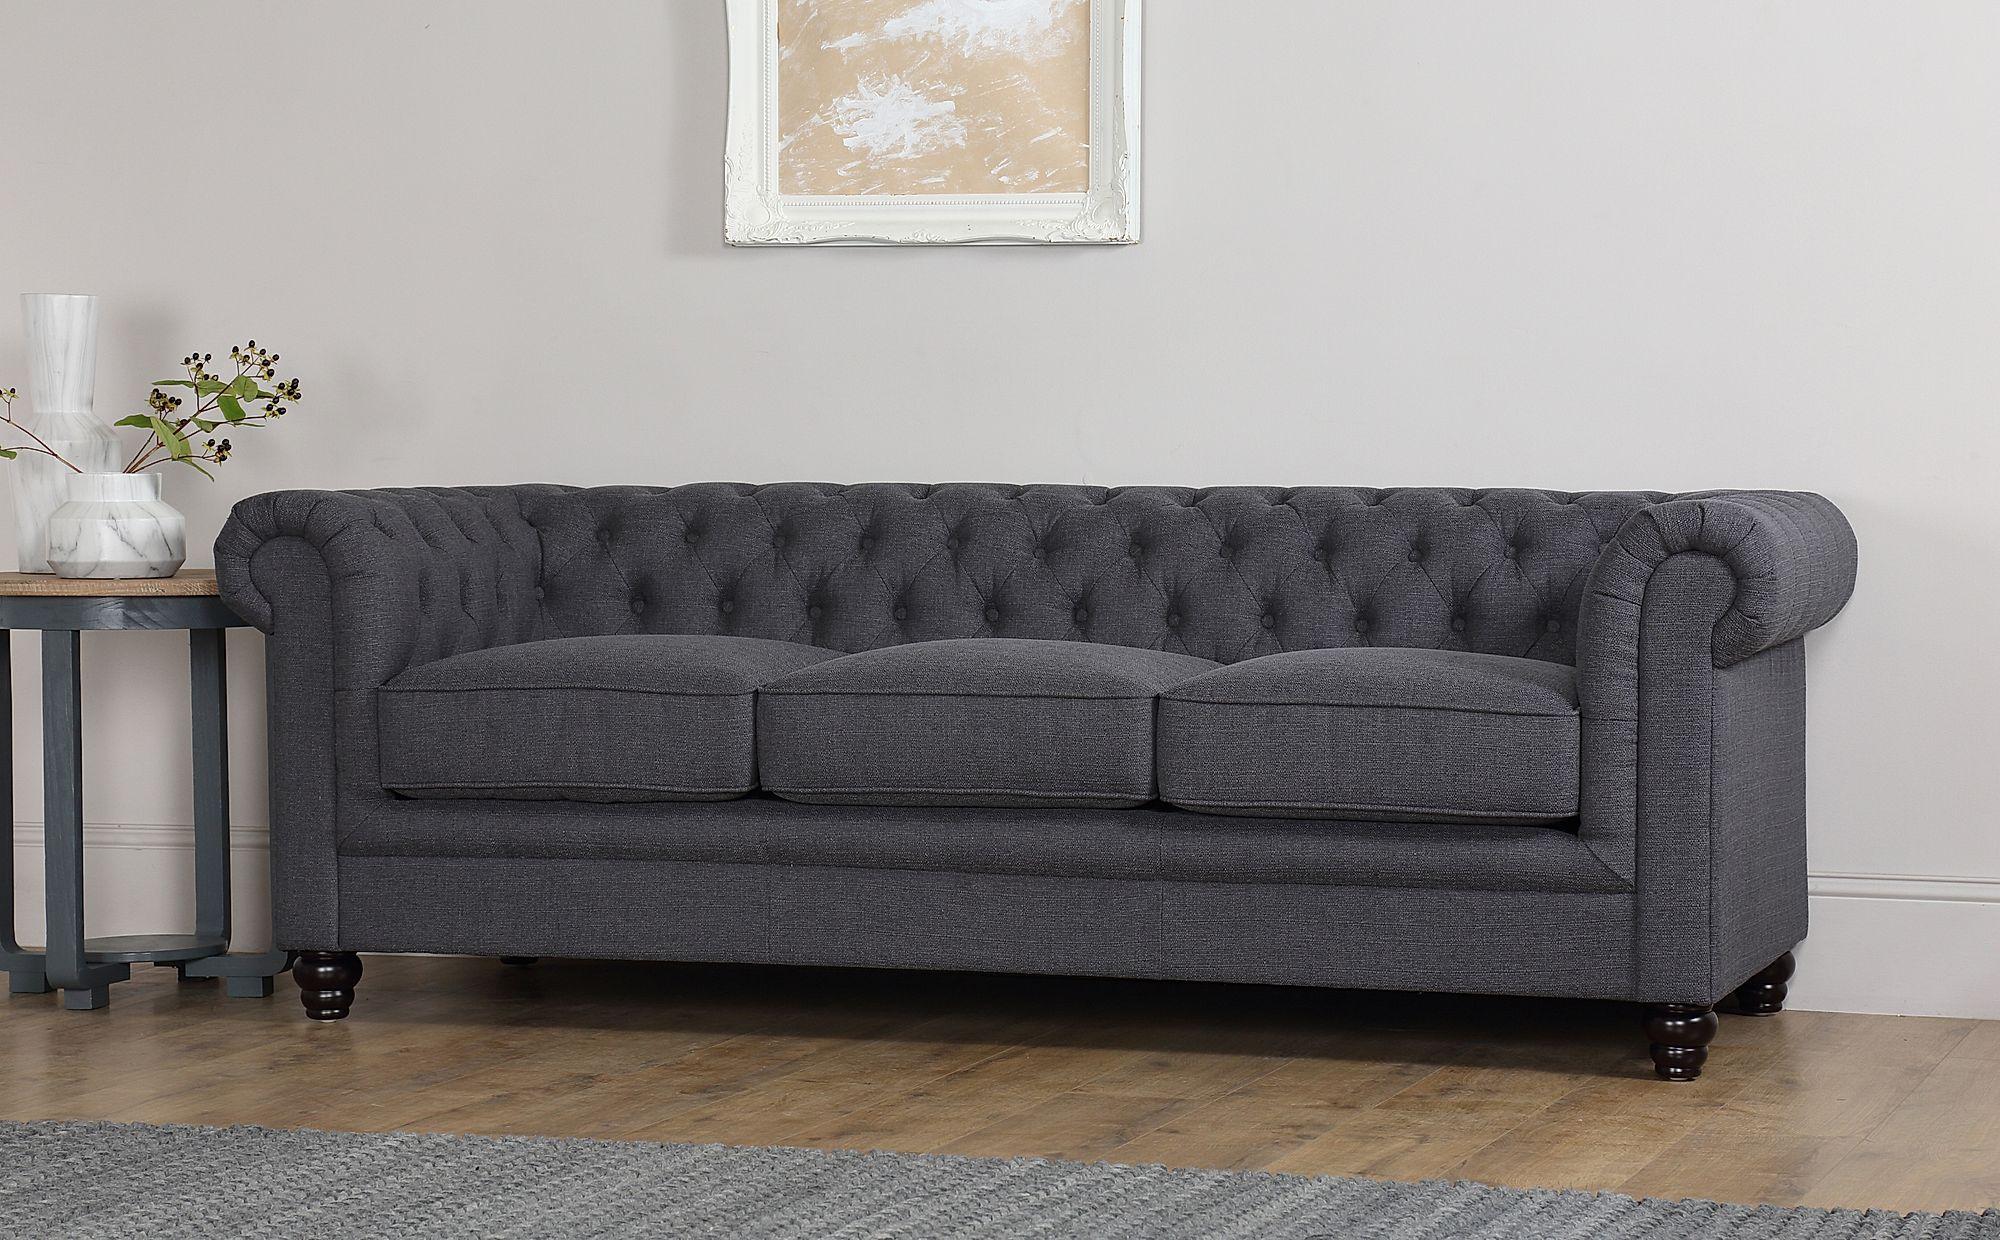 Genial Furniture Choice